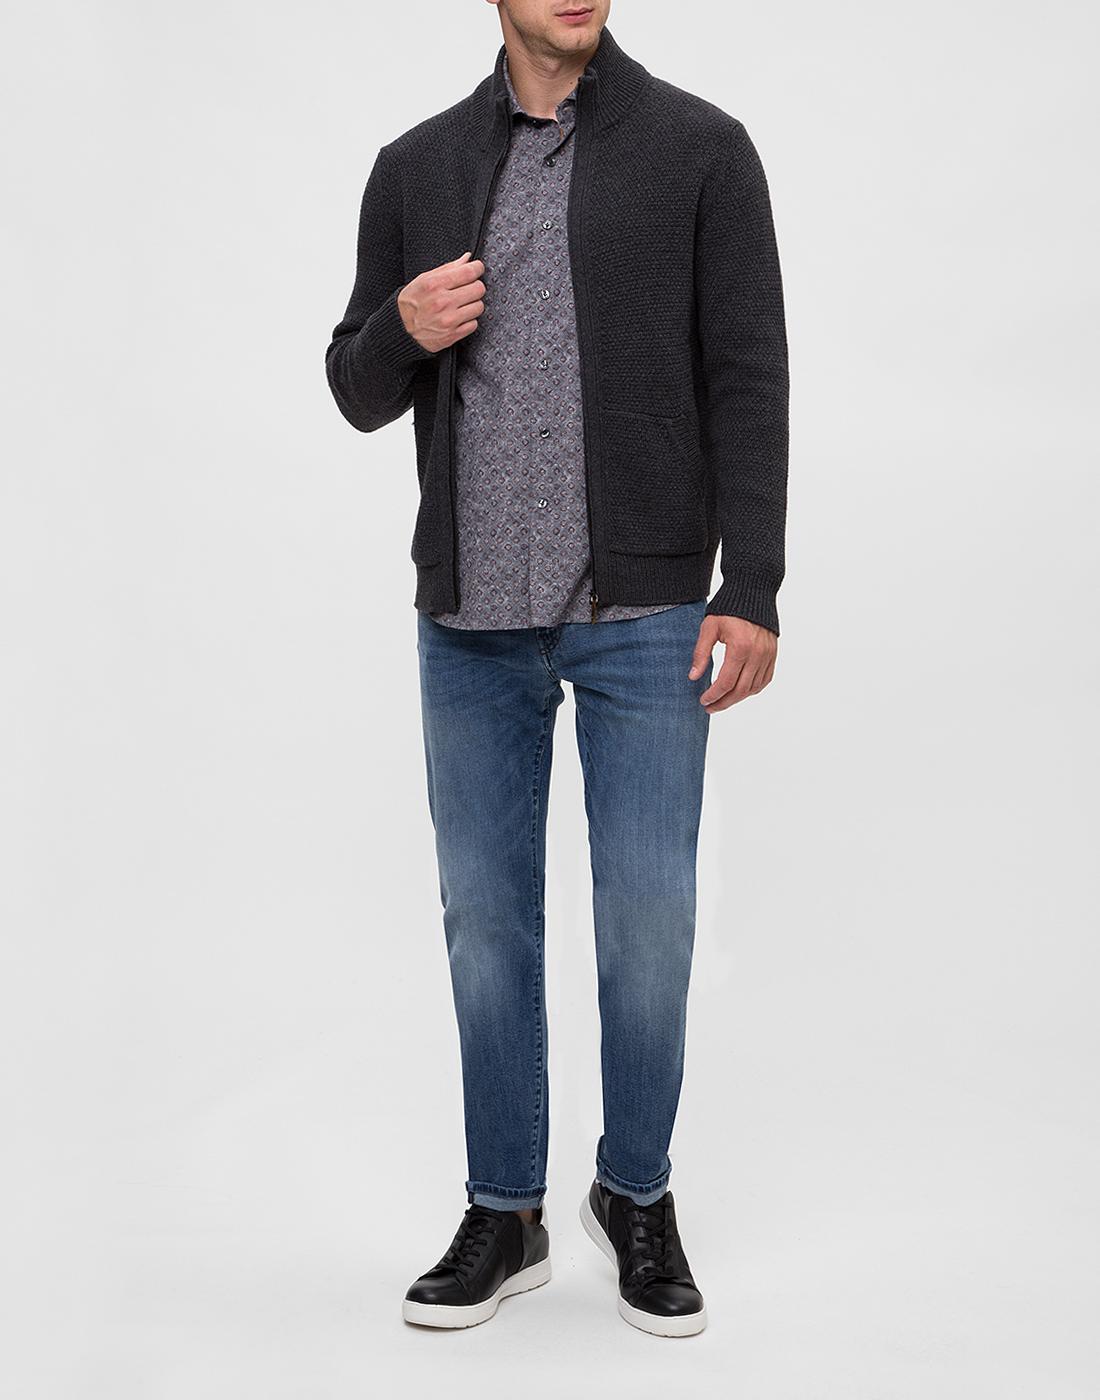 Мужская серая рубашка с принтом Orian S02P258 80-5